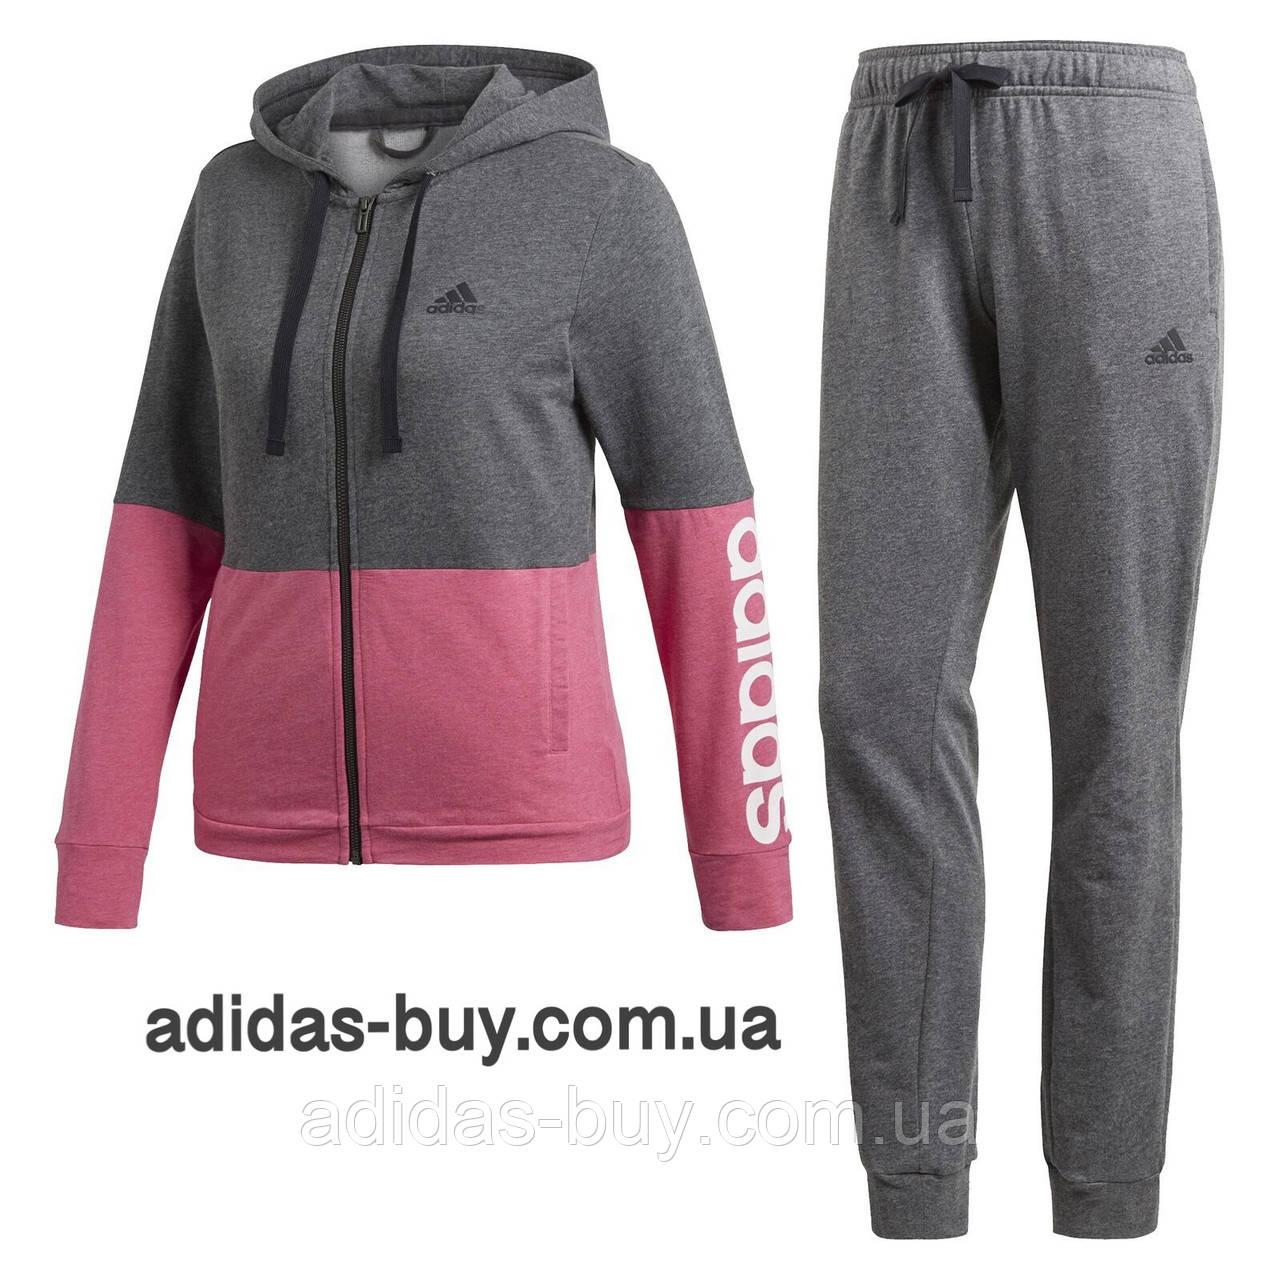 Спортивный женский костюм adidas оригинальный WTS CO MARKER CZ2328 цвет: серый / розовый